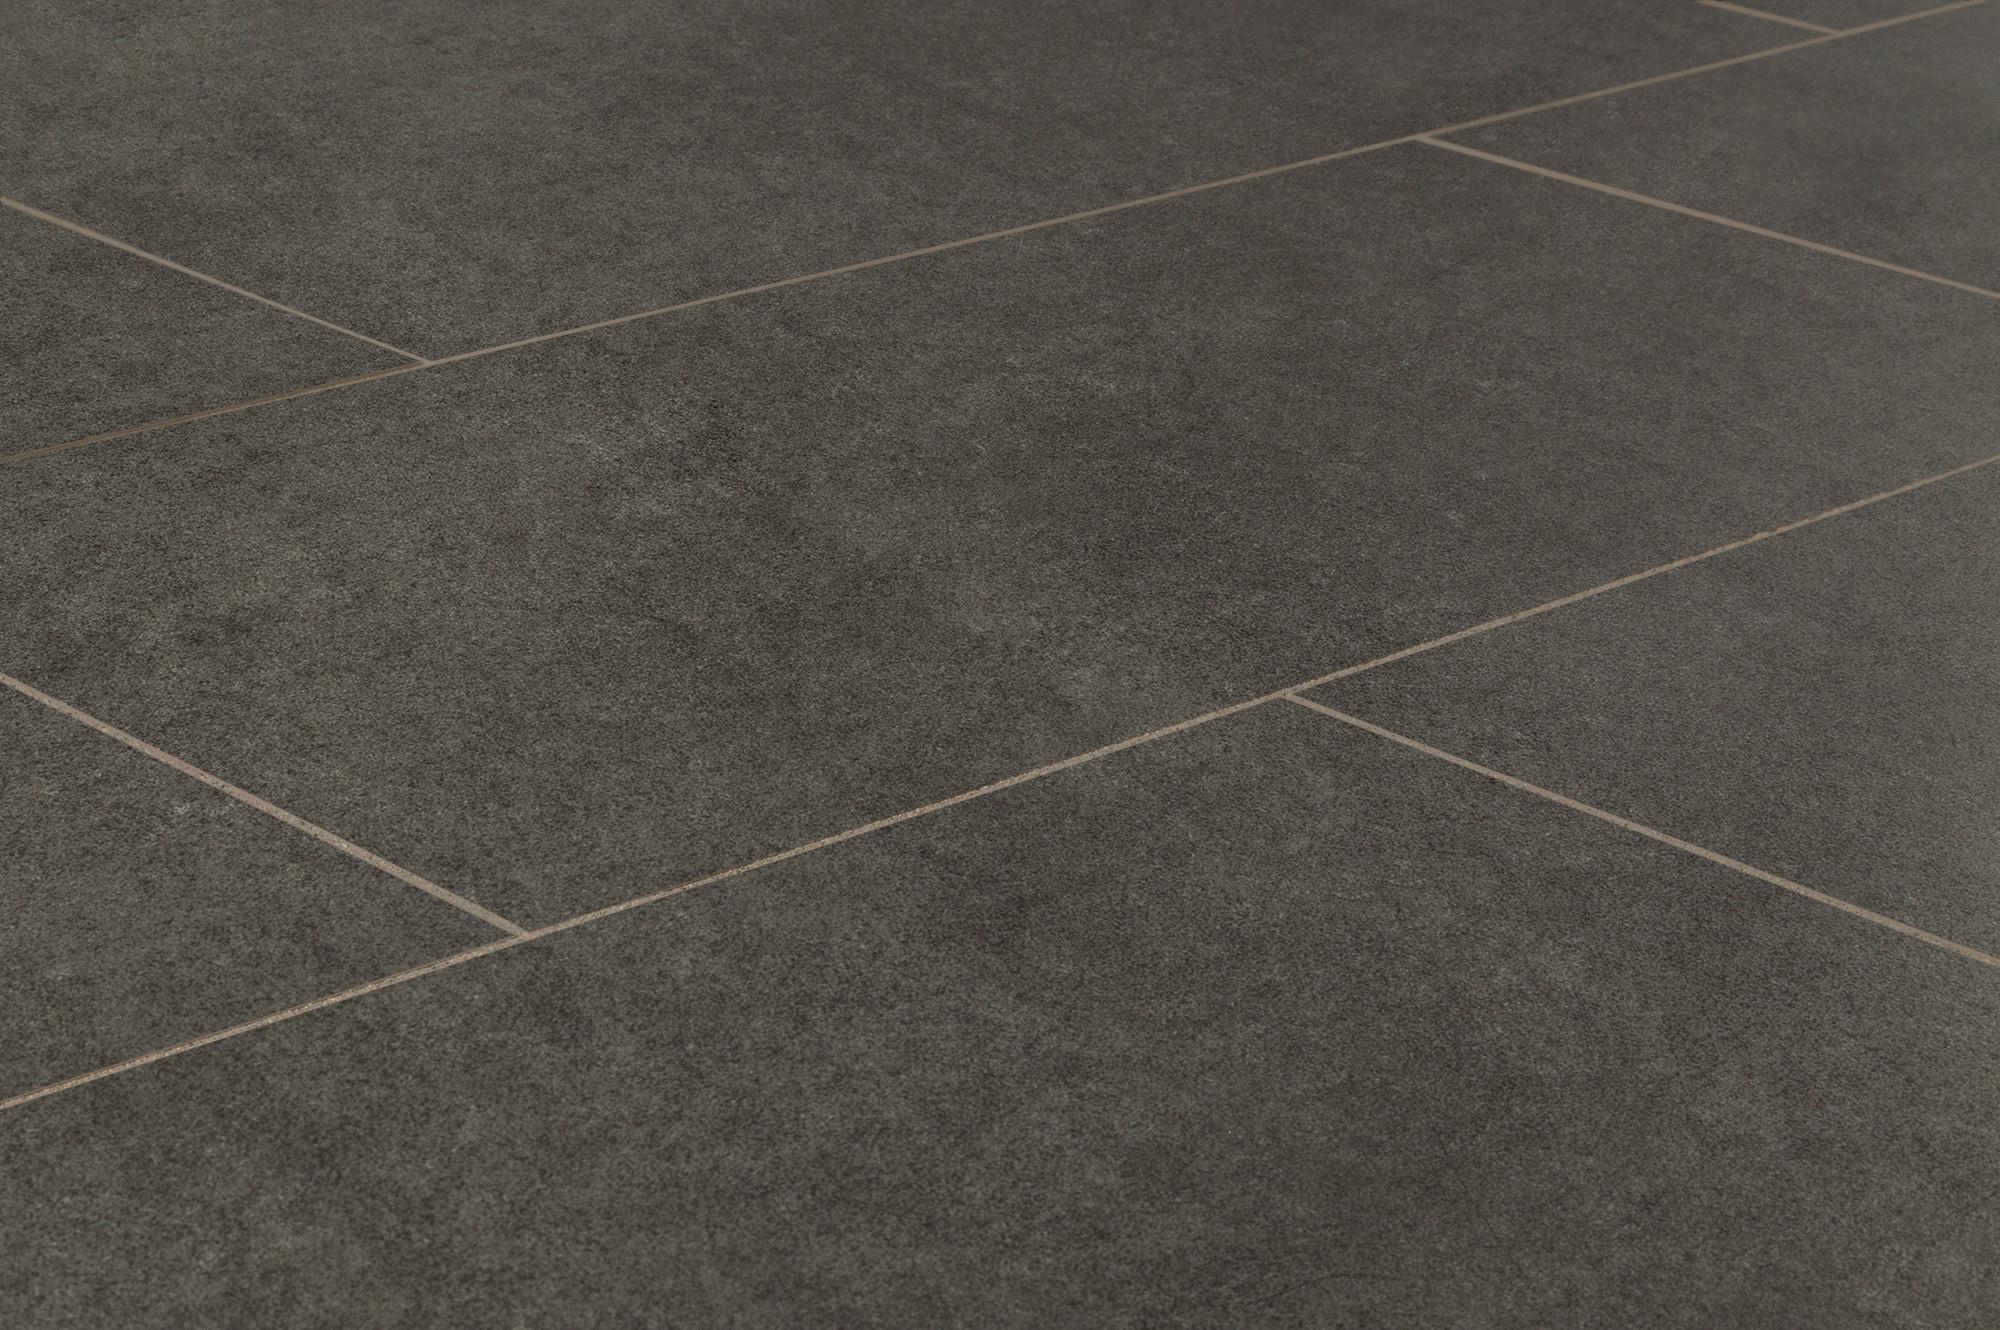 Cabot porcelain tile dimensions series graphite 12 x24 for 12x24 porcelain floor tile